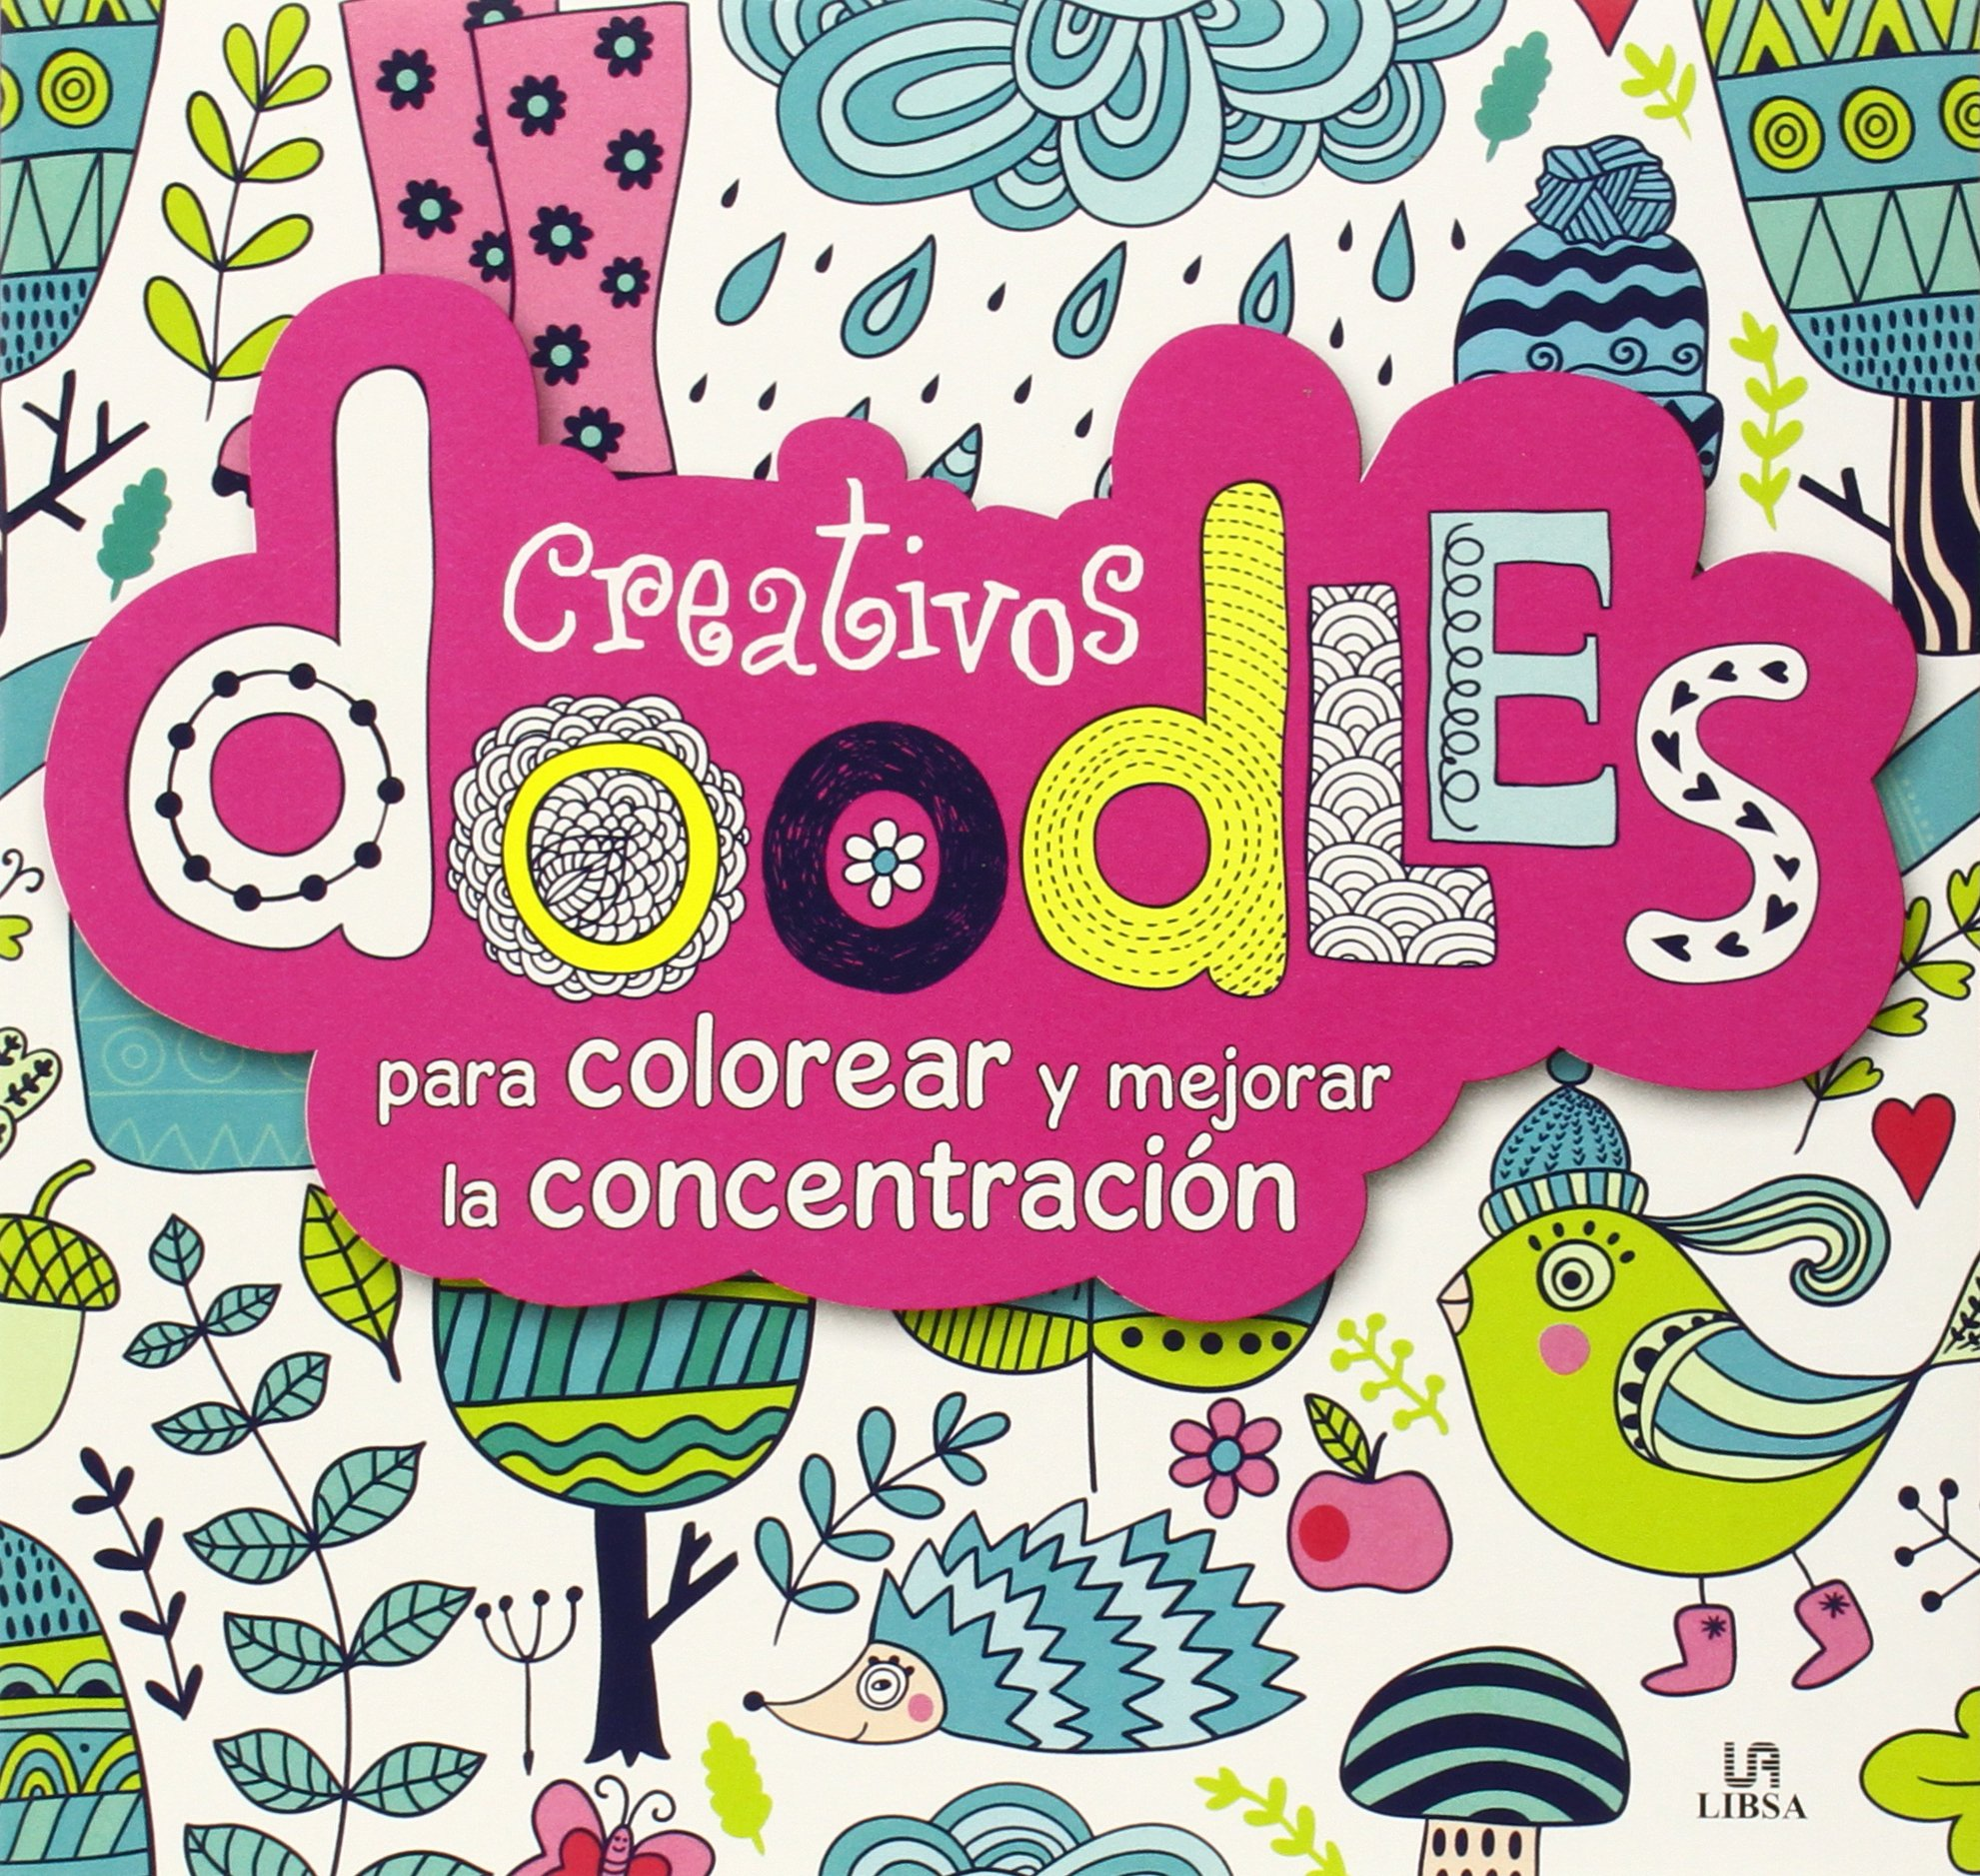 Creativos doodles para Colorear y Mejorar la Concentracion Terapia ...